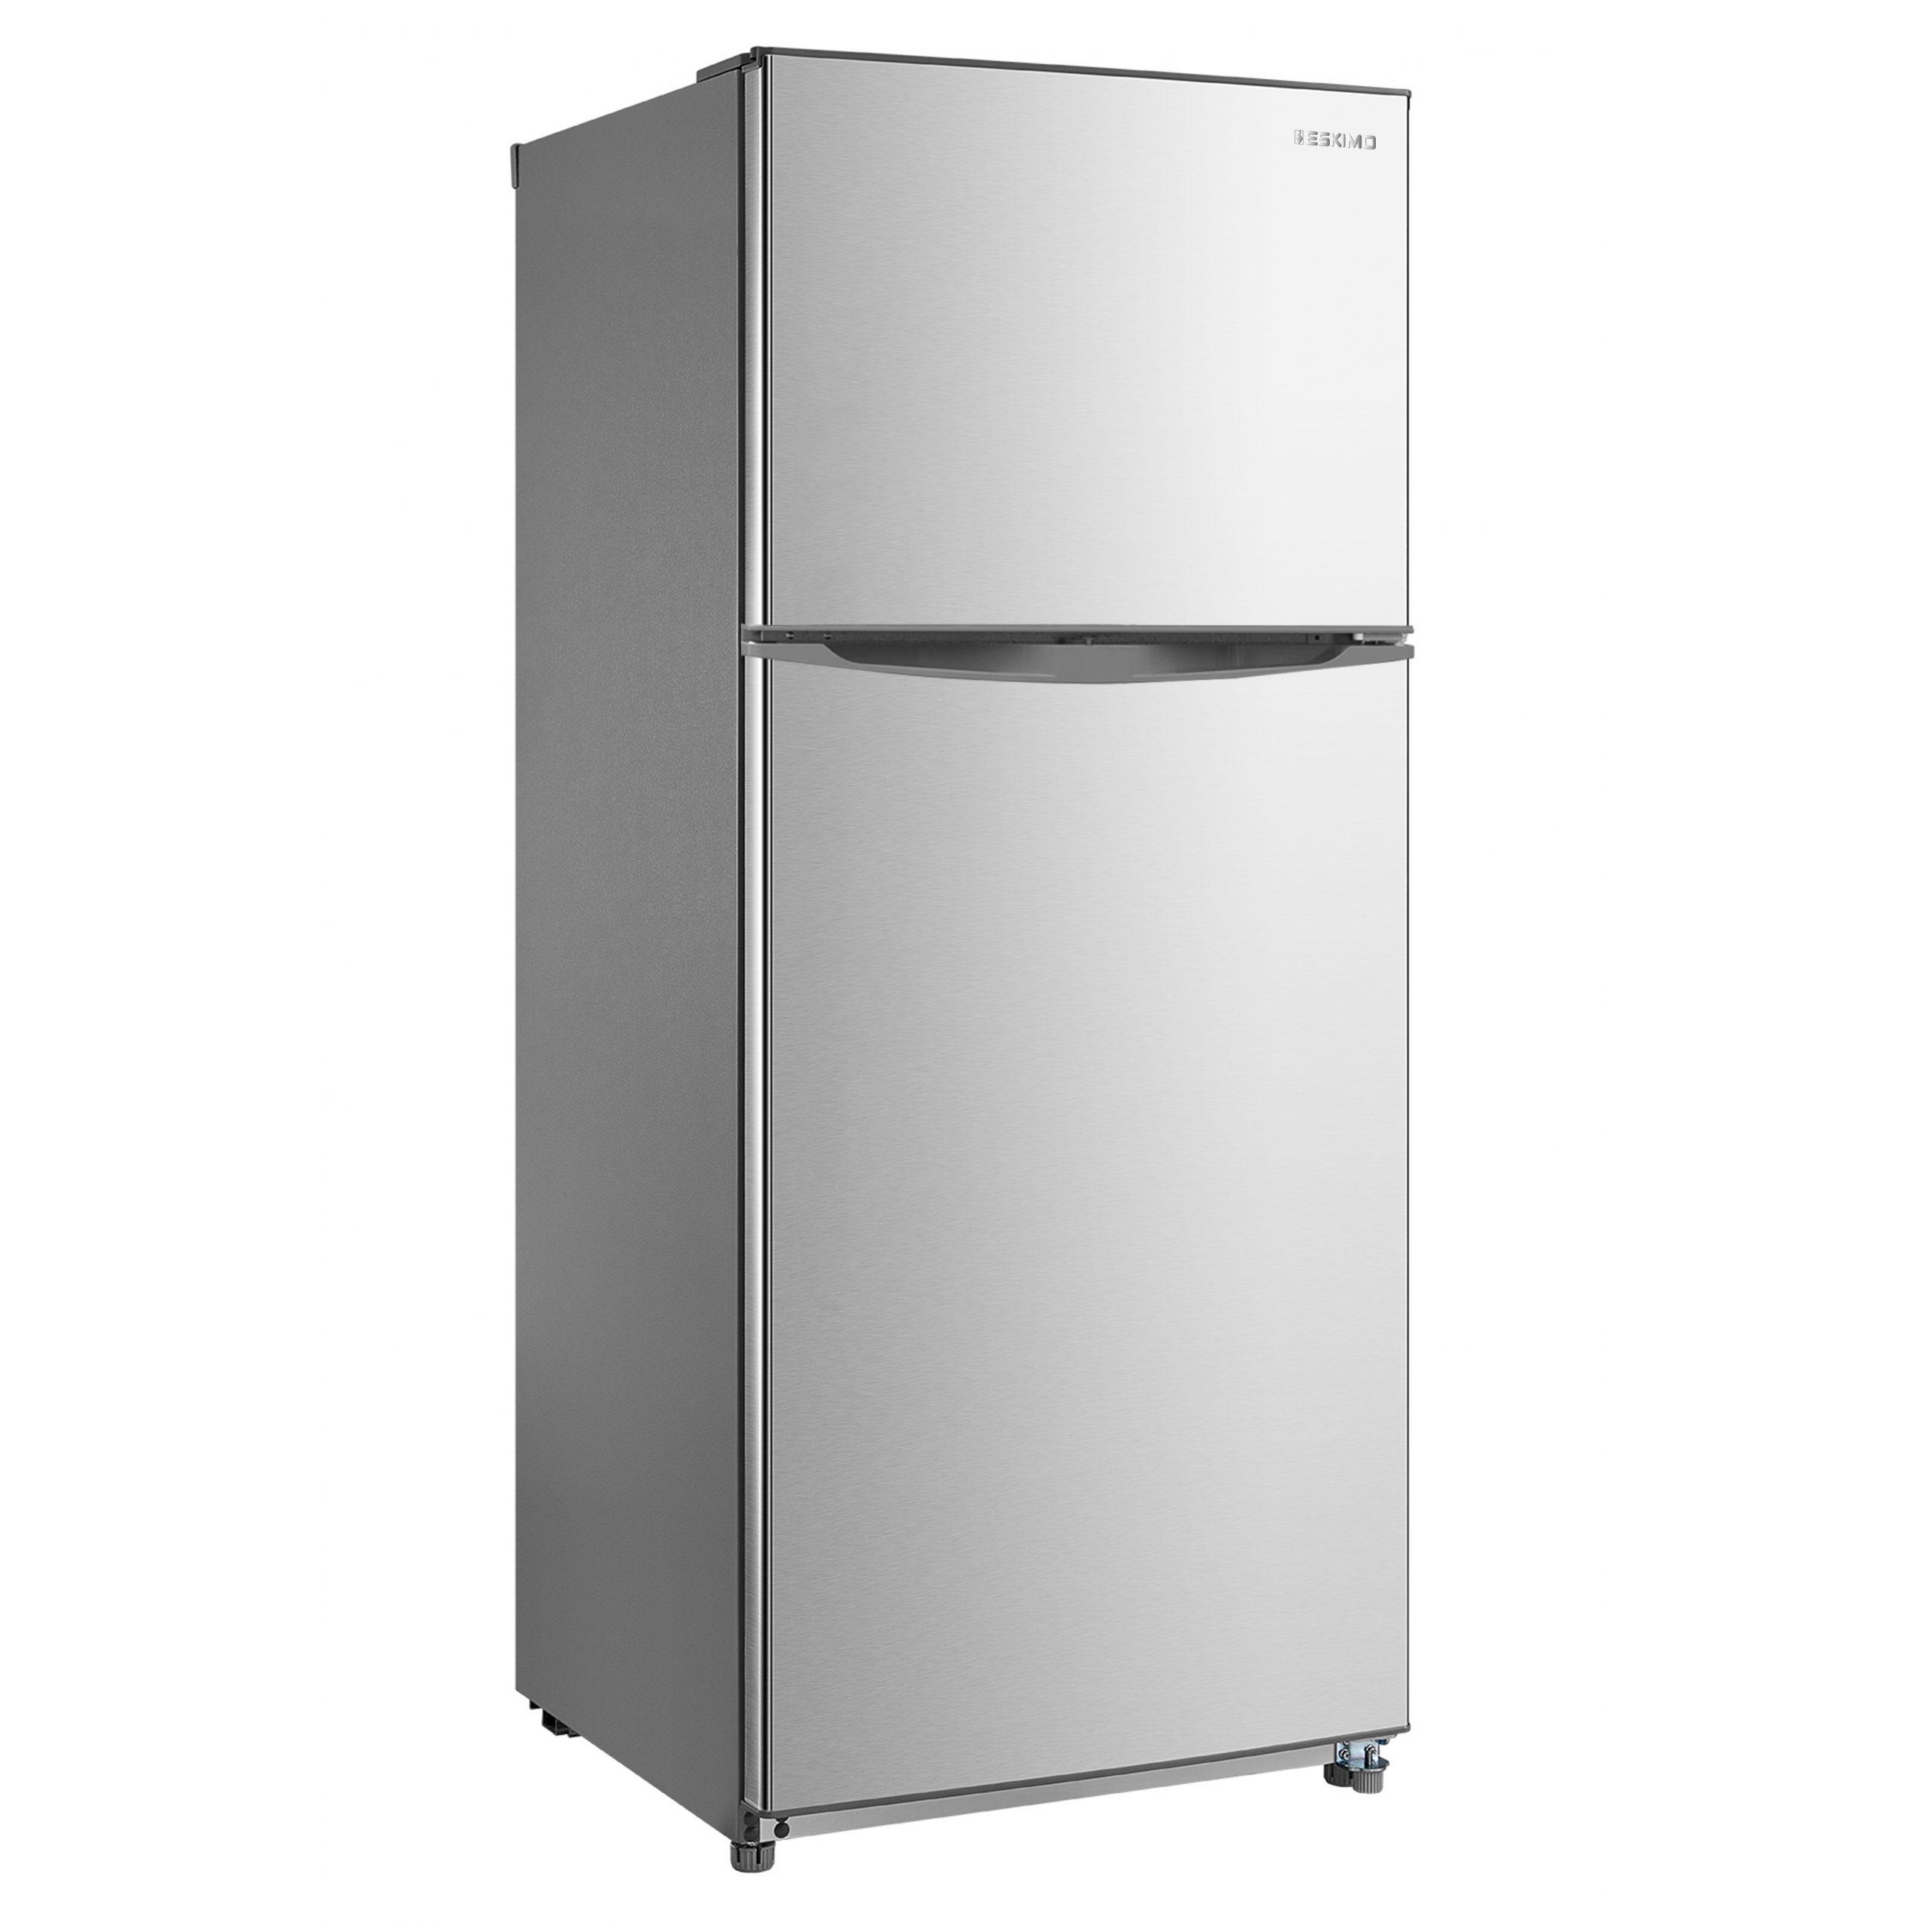 Eskimo Δίπορτο Ψυγείο ES 8375 NF IN